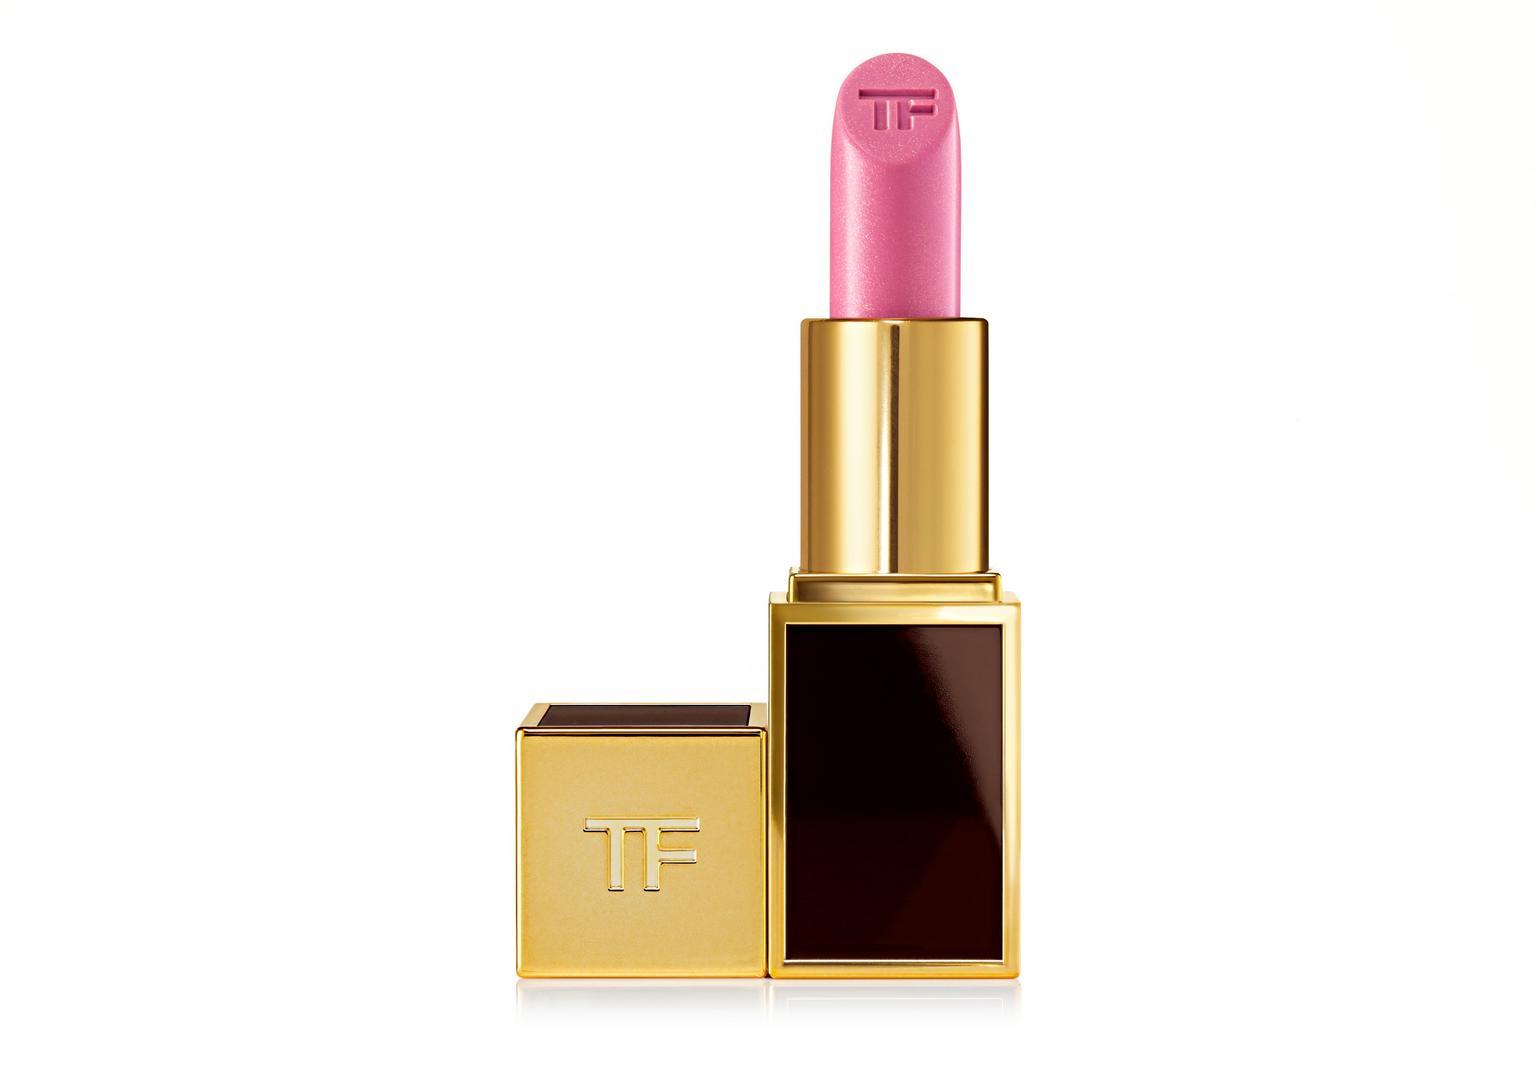 **พร้อมส่ง**Tom Ford Lip Color Mini 2.0 g. #56 Louis ขนาดทดลองพร้อมกล่อง ลิปสติกเนื้อดีเลอเลิศจากแบรนไฮโซสุดฮอต หรูหรา และคุณภาพดีสุดๆ ทาออกมาแล้วให้สีเรียบเนียนสม่ำเสมอและไม่เป็นคราบระหว่างวัน ,